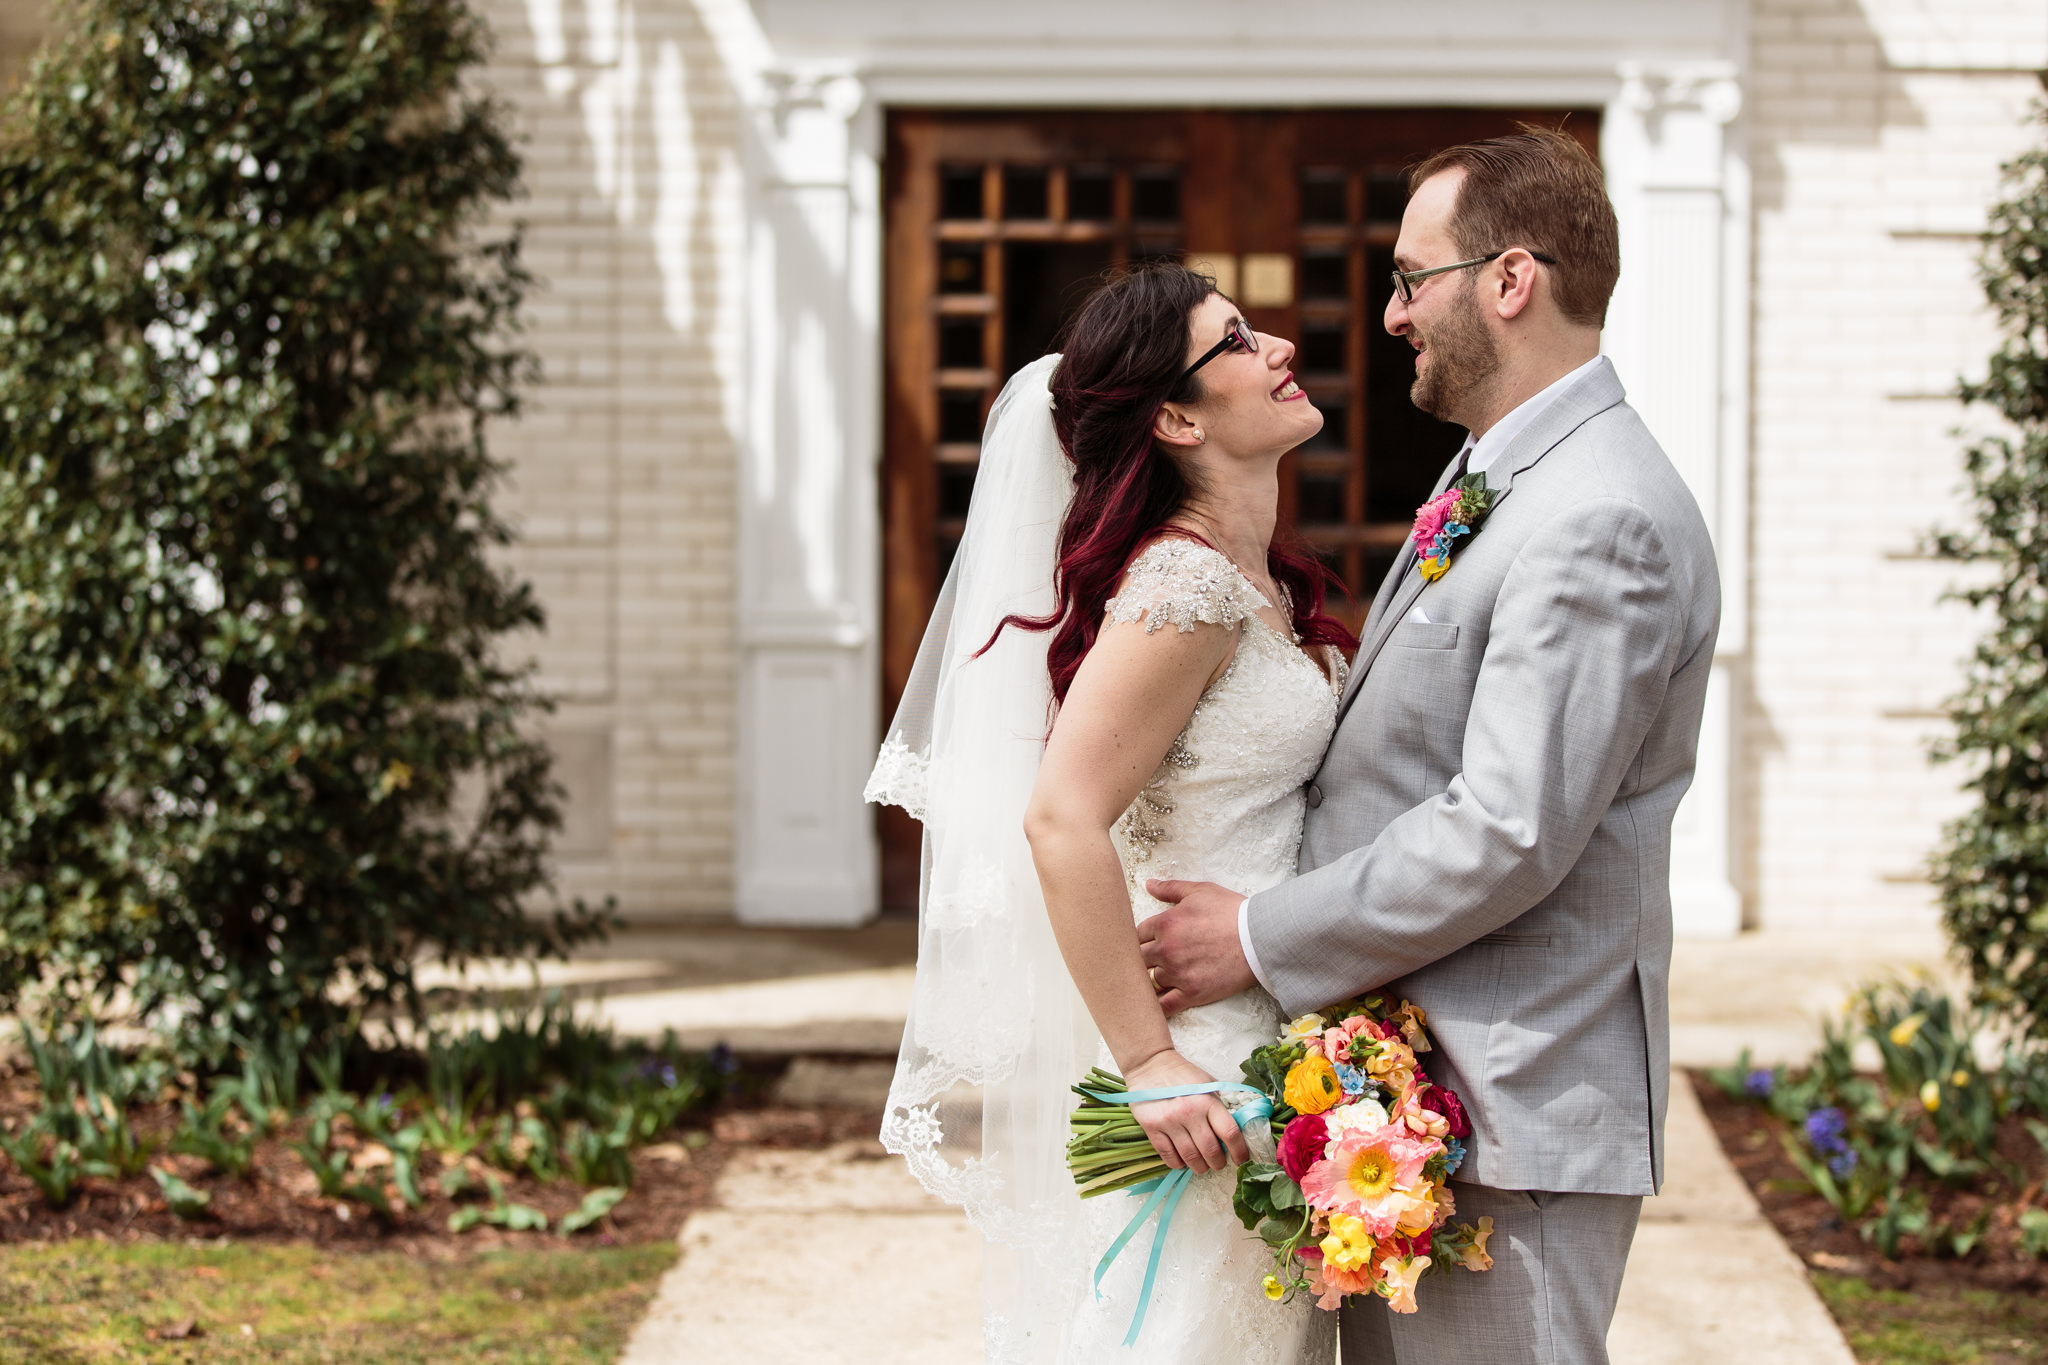 Hanchar_Madison_Hotel_NJ_Wedding_GDM_7821.jpg